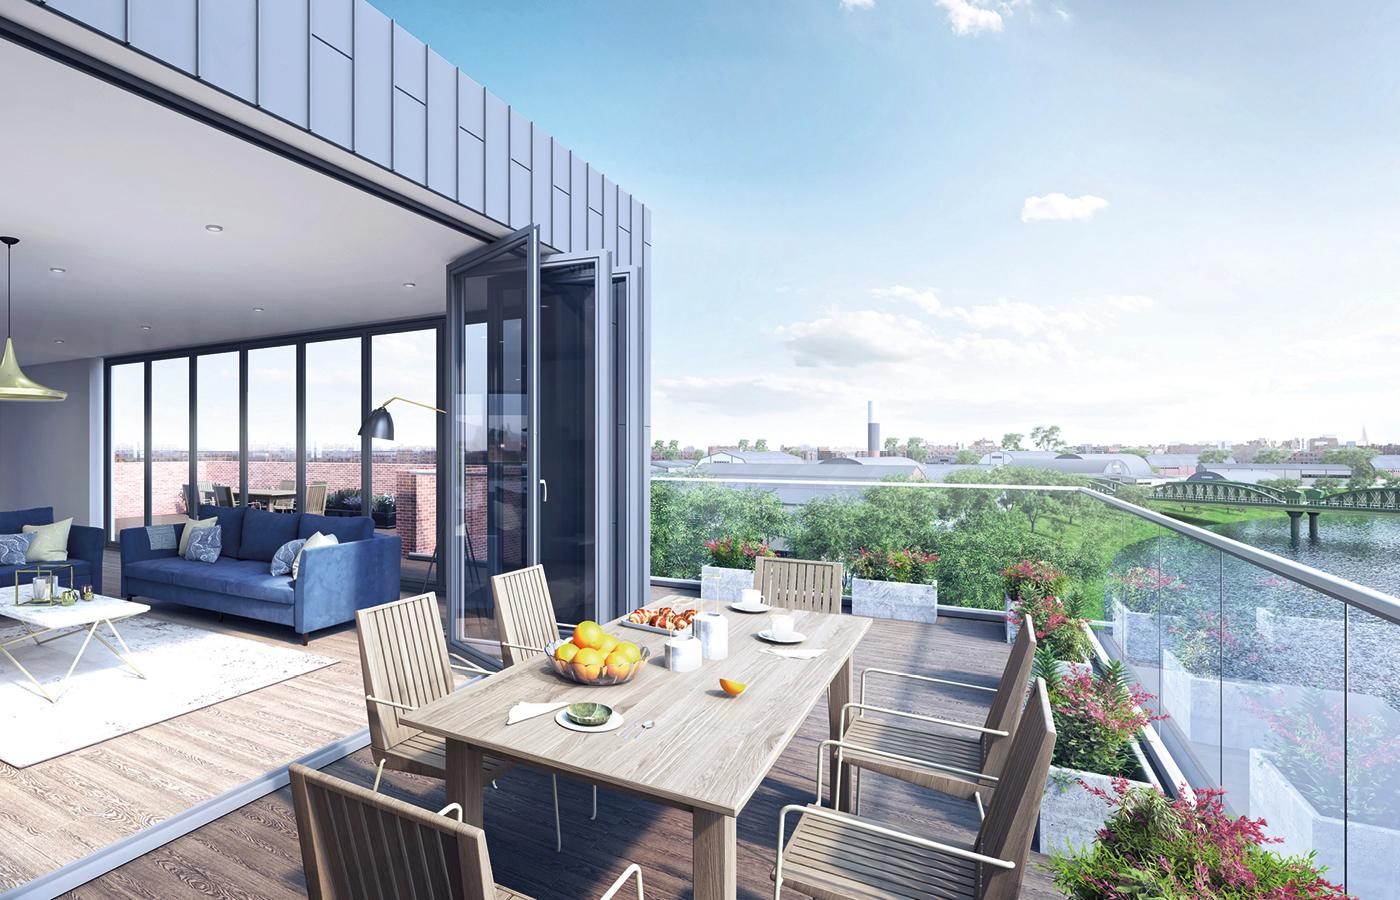 luxury apartment nottingham trent bridge quays balcony view cgi